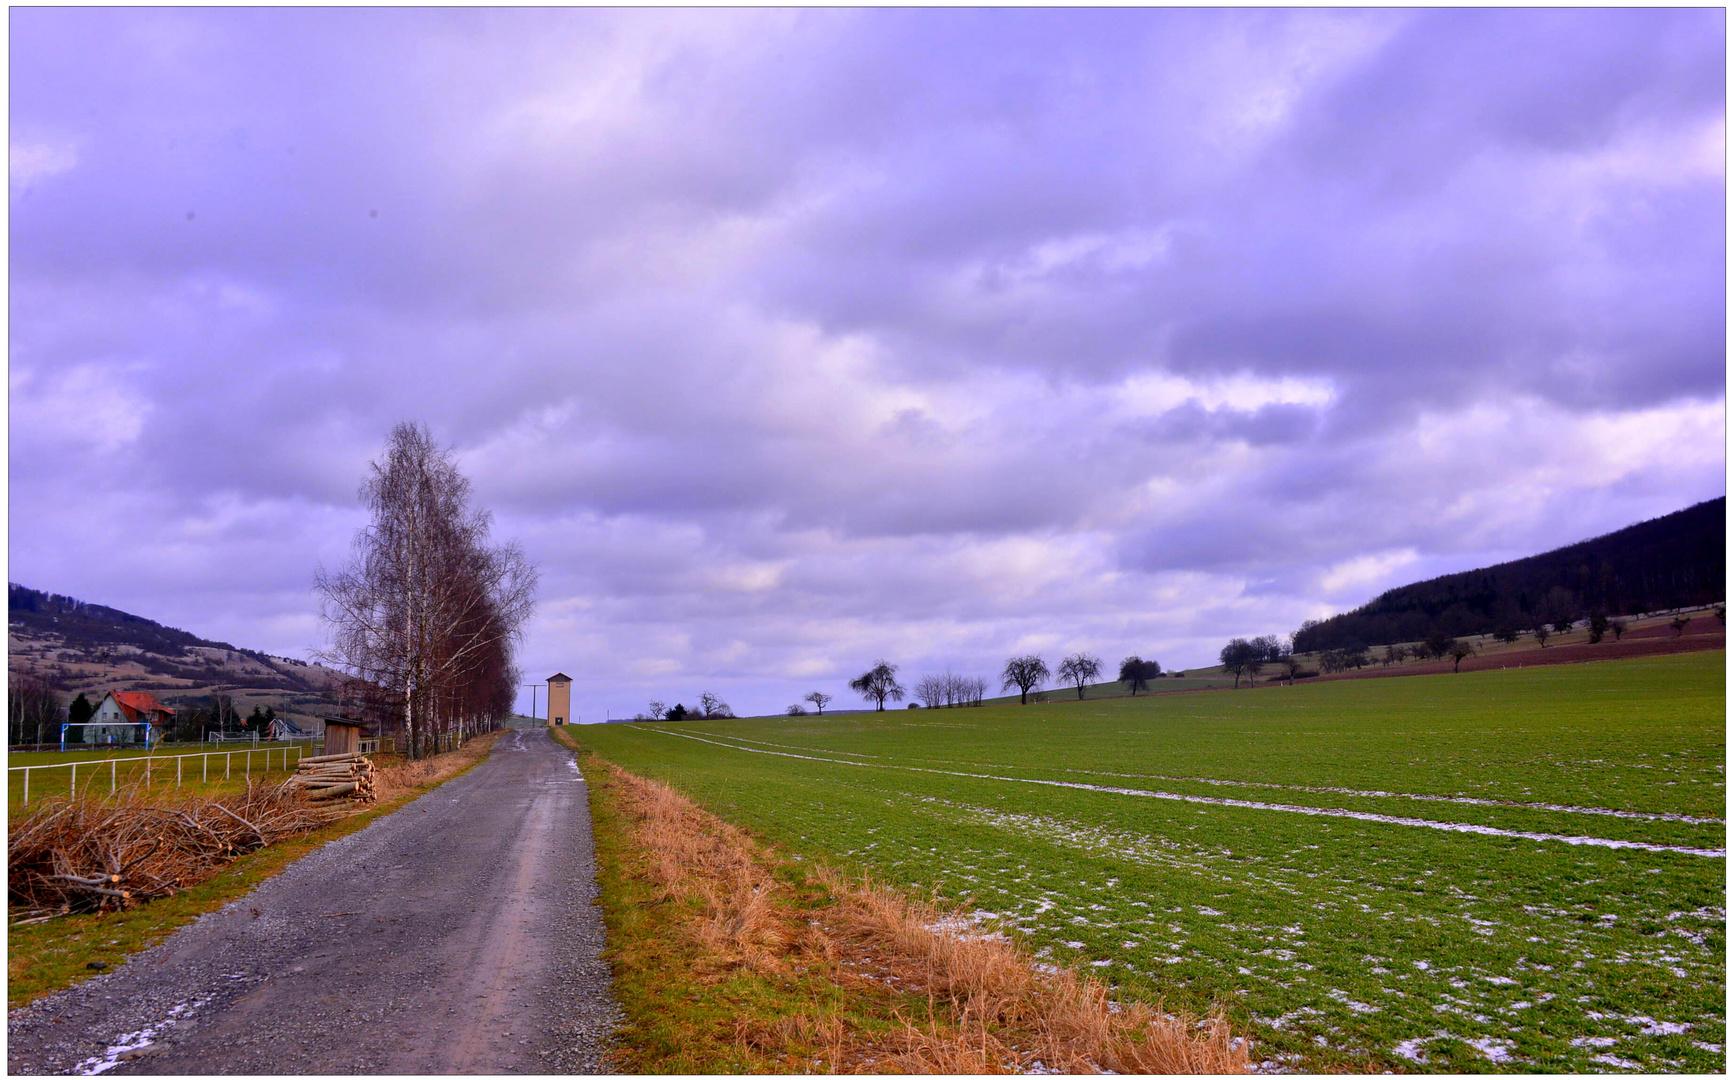 Camino al lado del campo de deportes (Weg am Sportplatz)